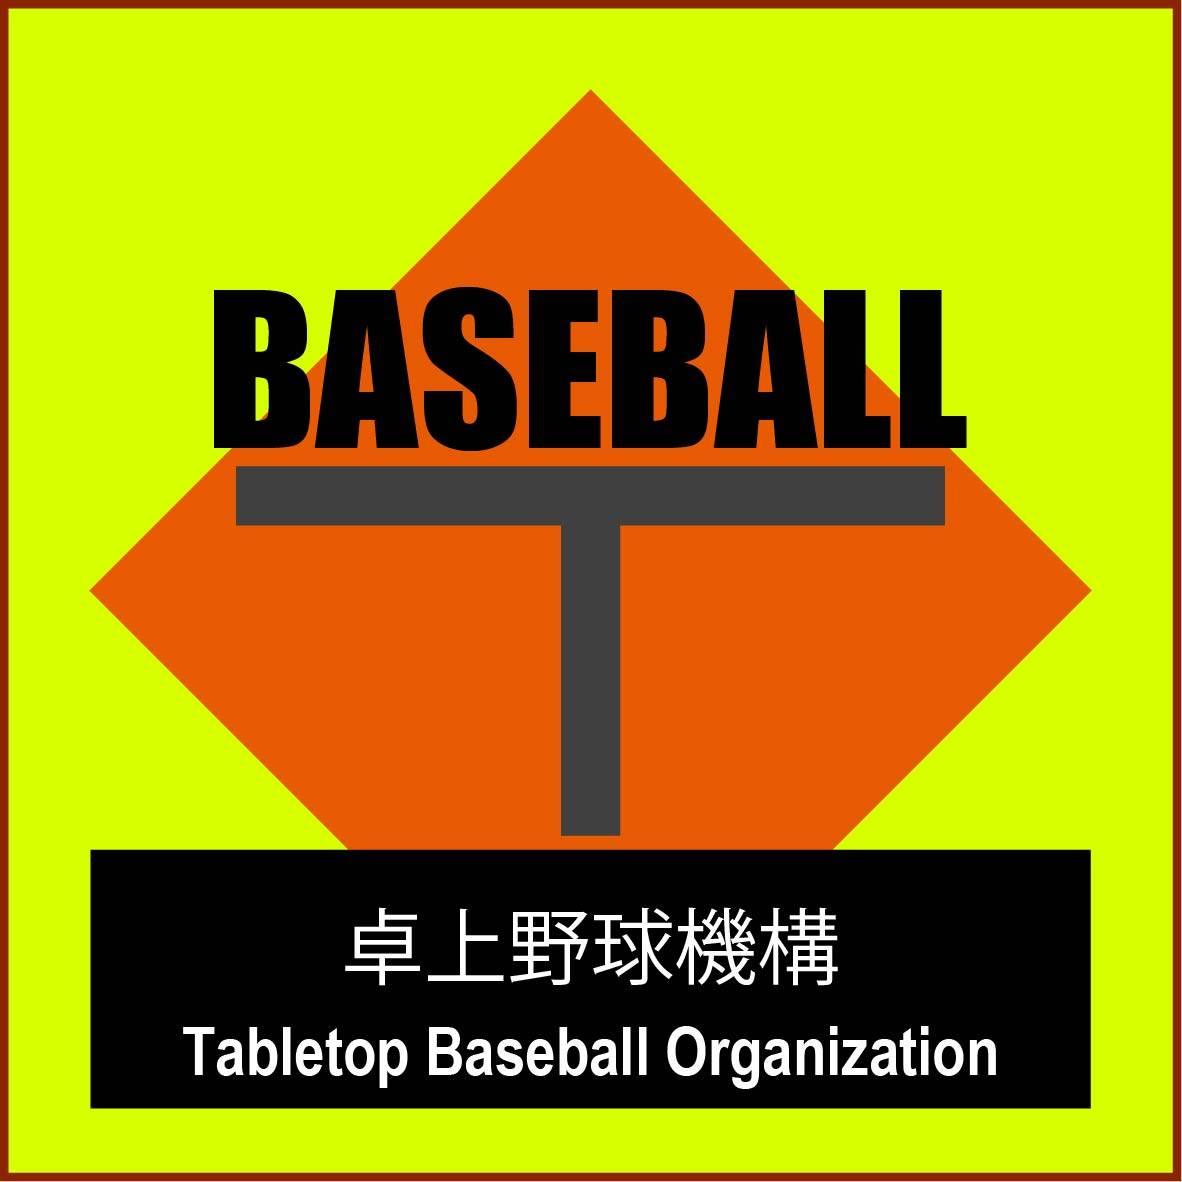 卓上野球機構画像